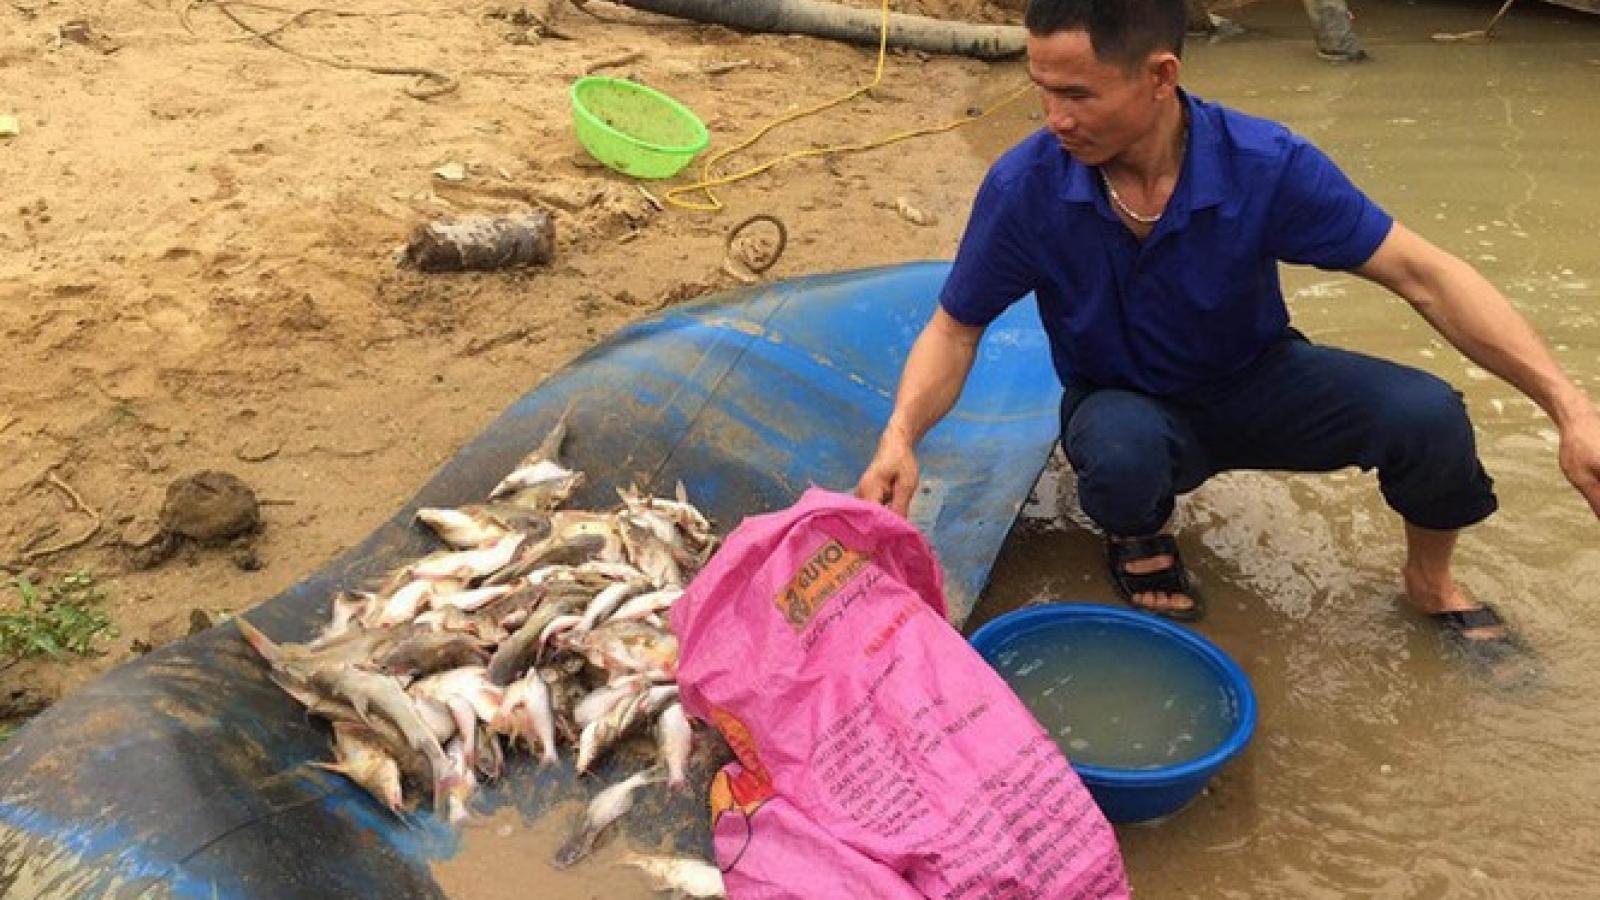 Nguyên nhân ban đầu khiến cá chết trắng xoá bất thường trên sông Con